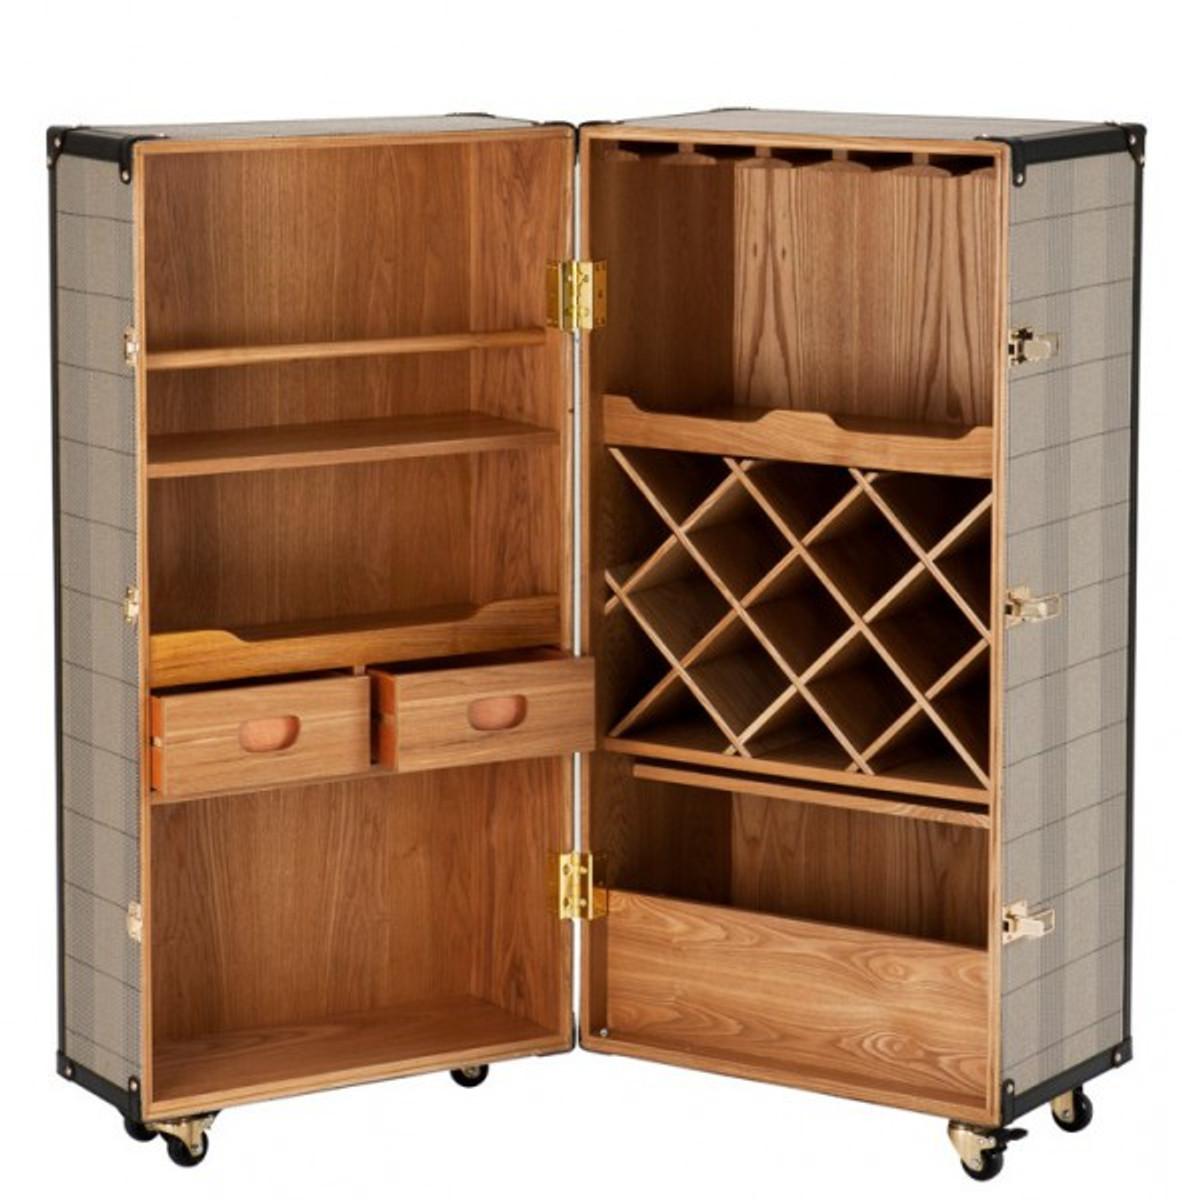 casa padrino luxus bar schrank im vintage koffer design kommode art deco barock jugendstil. Black Bedroom Furniture Sets. Home Design Ideas